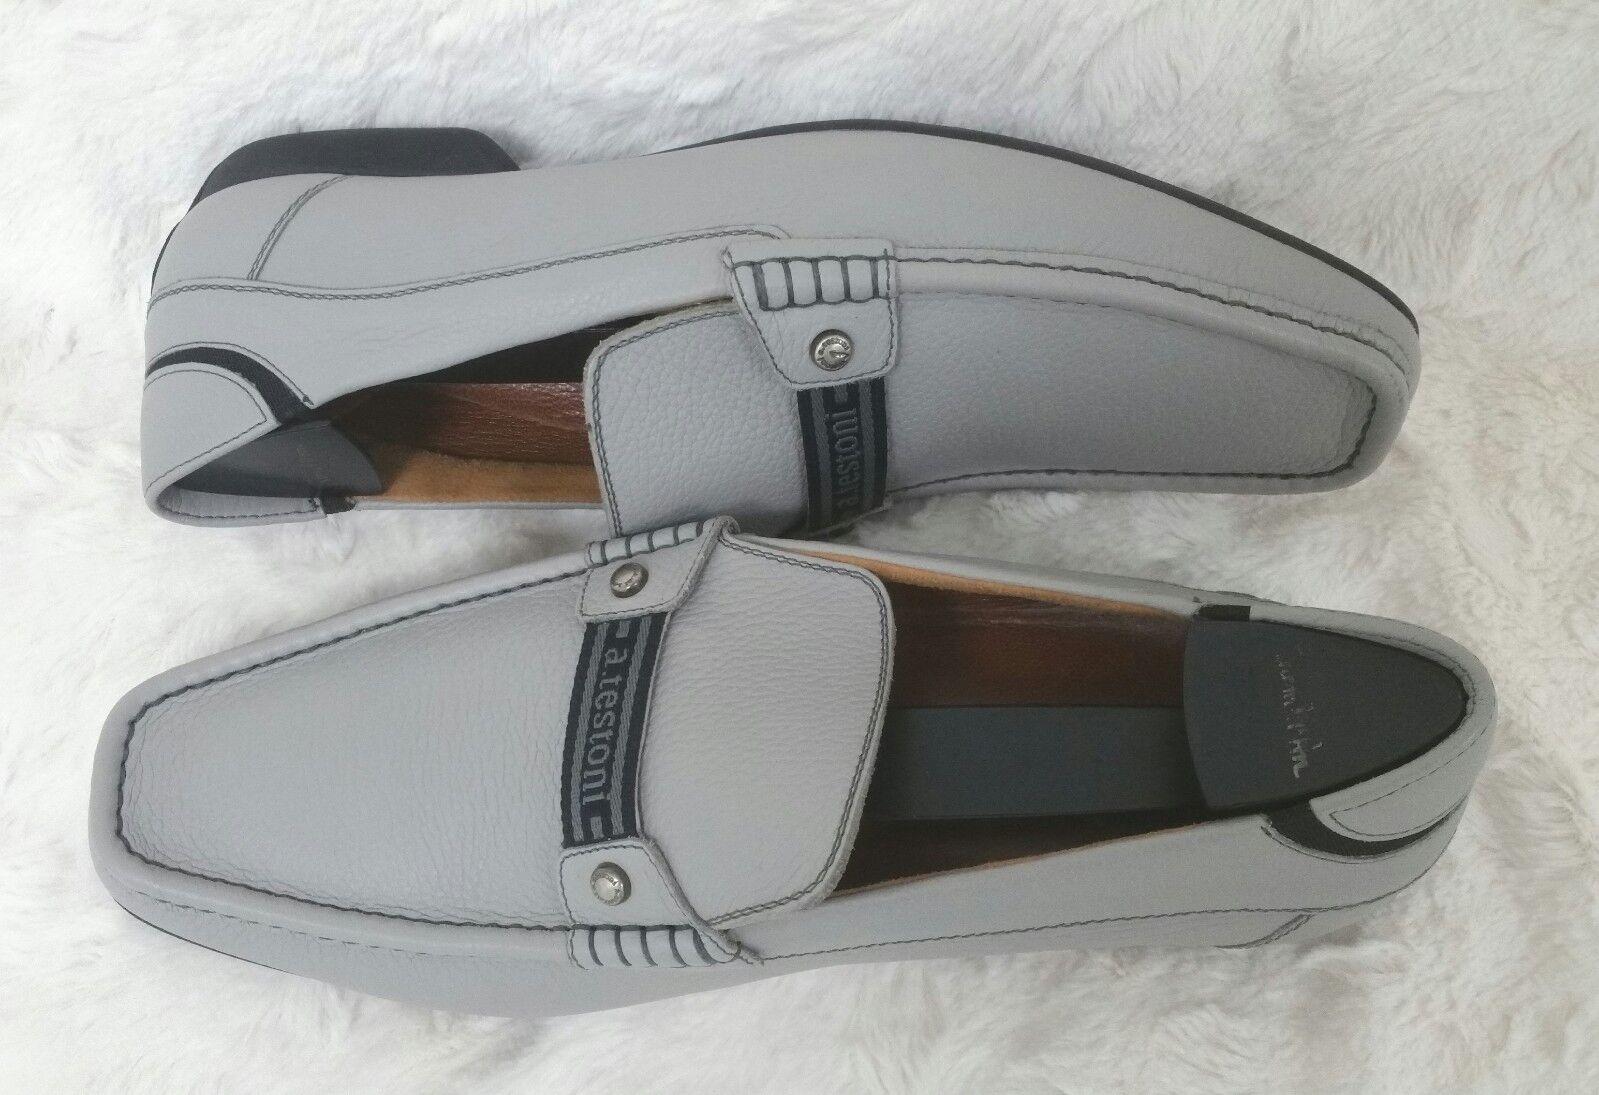 con il 100% di qualità e il 100% di servizio Great Brand Brand Brand New A.Testoni Mod. 80108 7 1258 10 scarpe Dimensione 11 Made in   sconto online